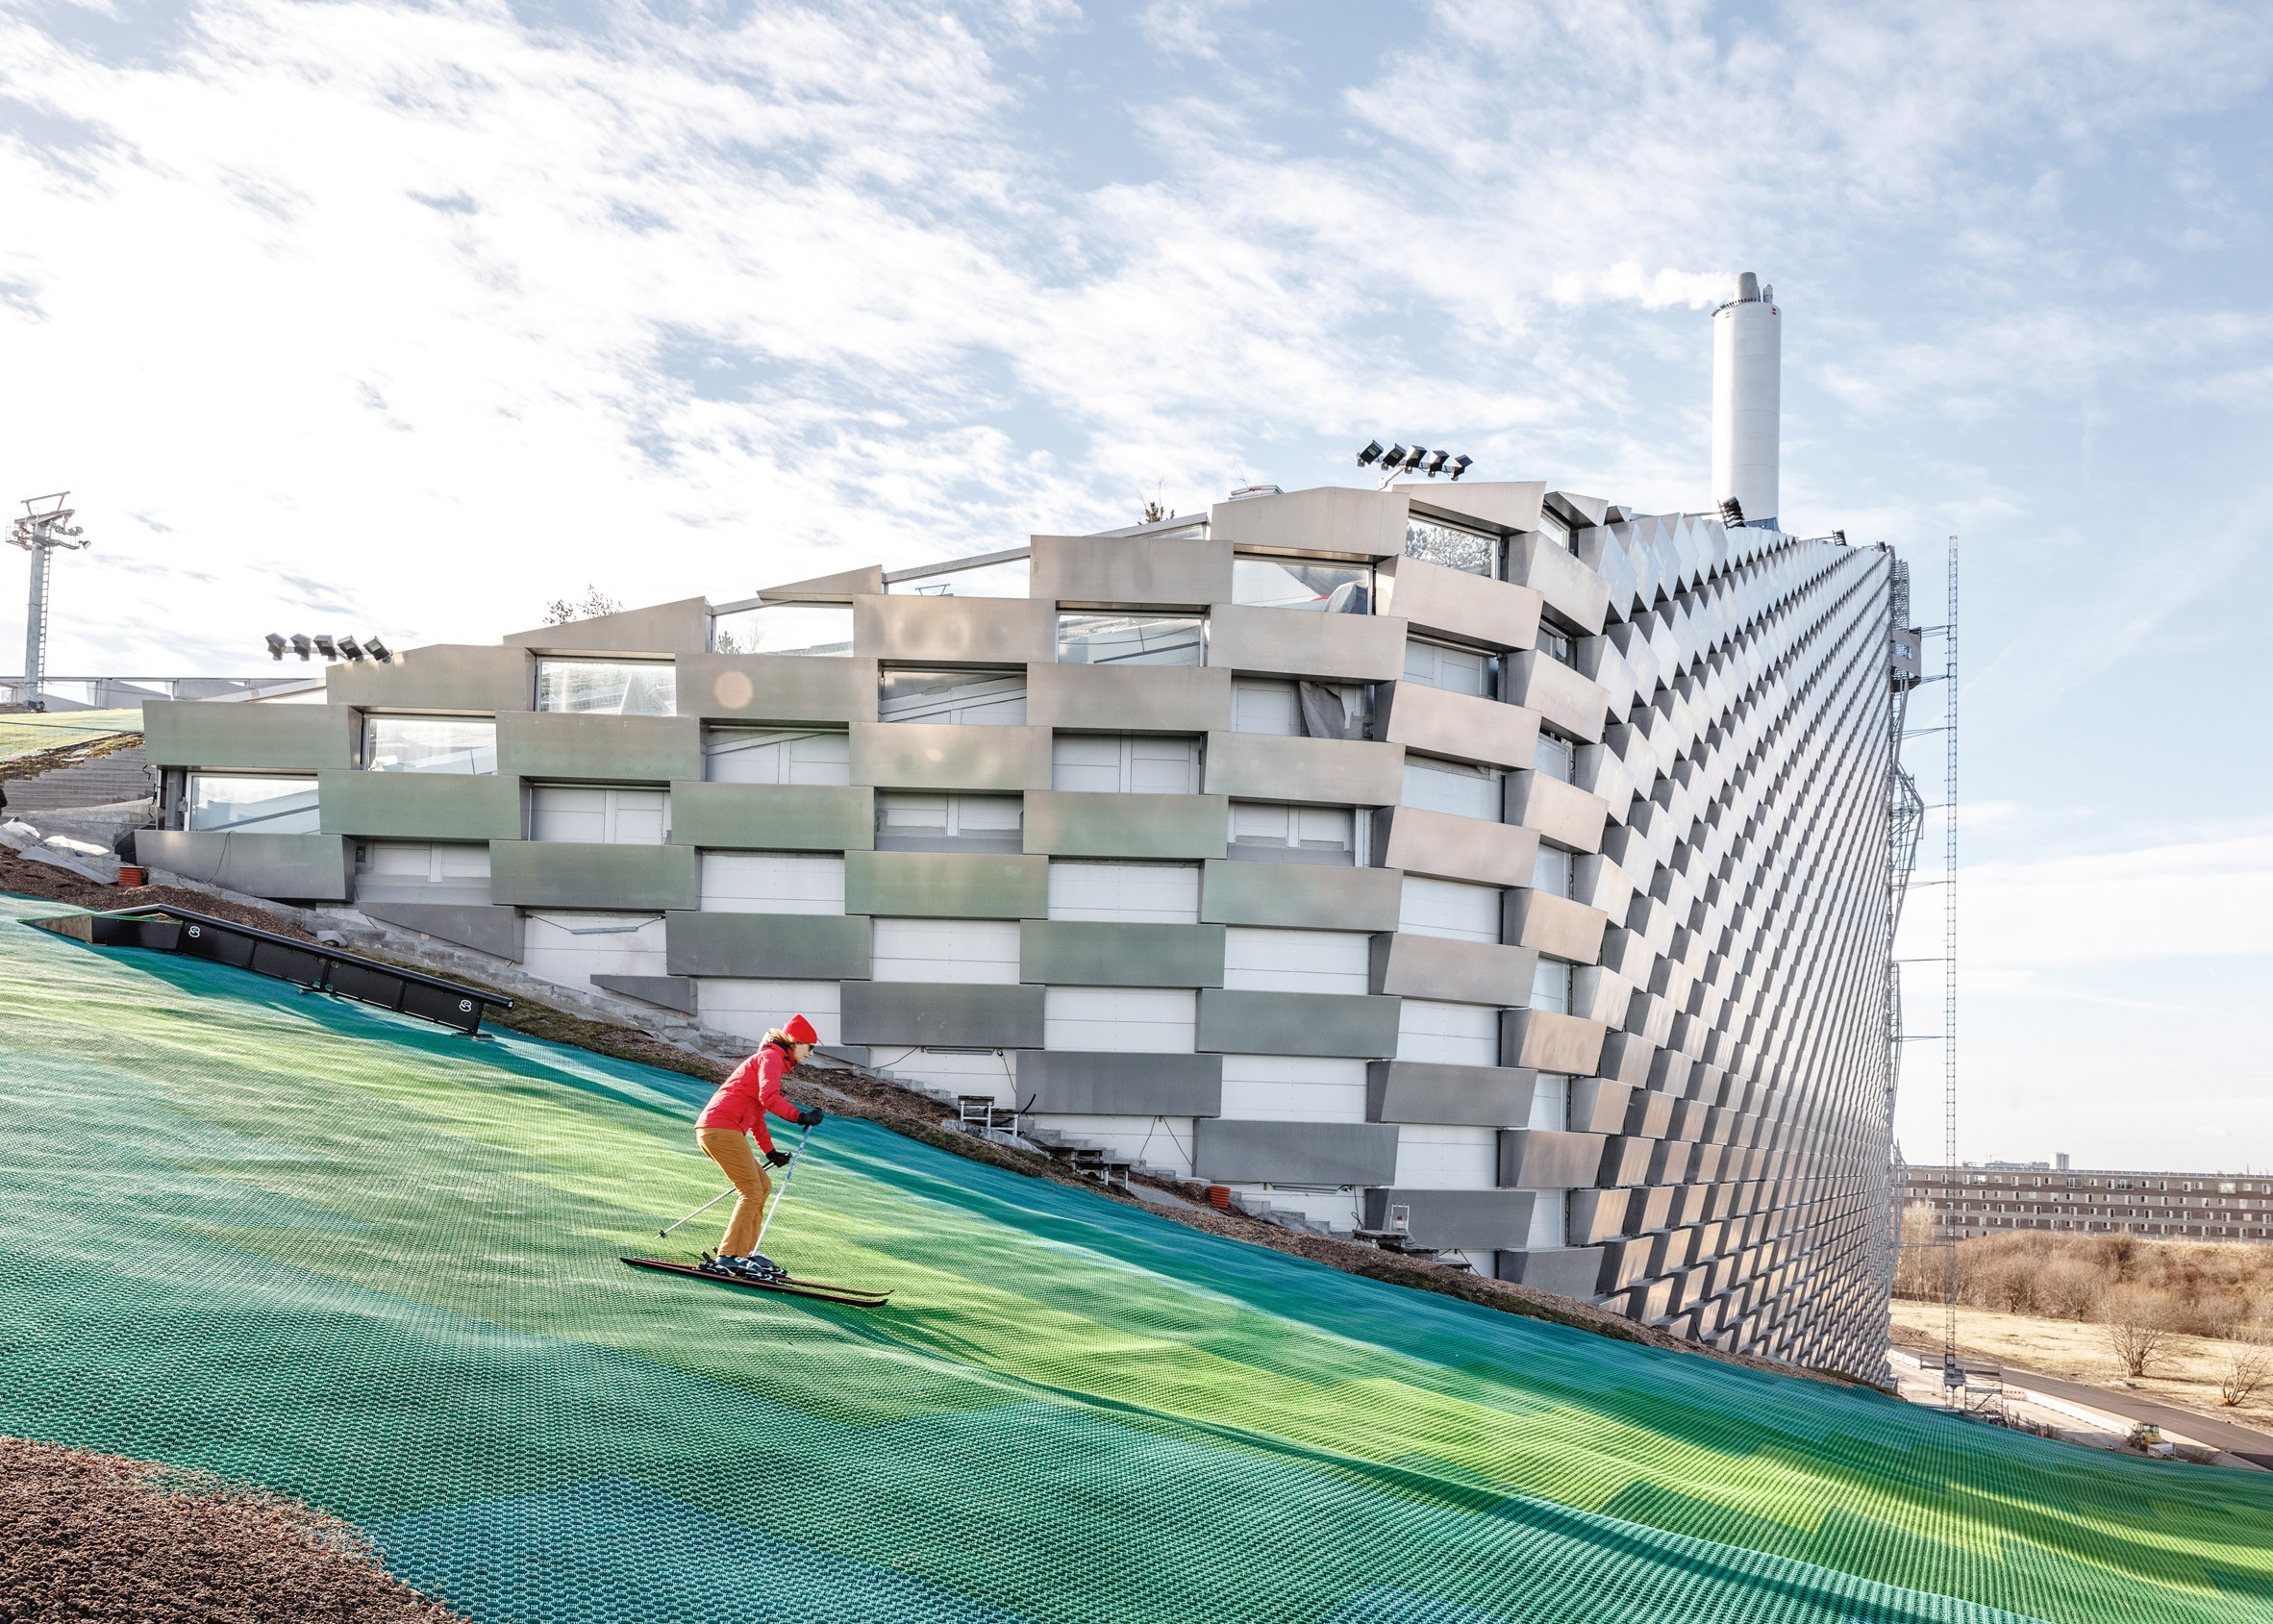 Usina de energia mais limpa do mundo com direito a pista de ski inaugura na Dinamarca (Foto: Divulgação)